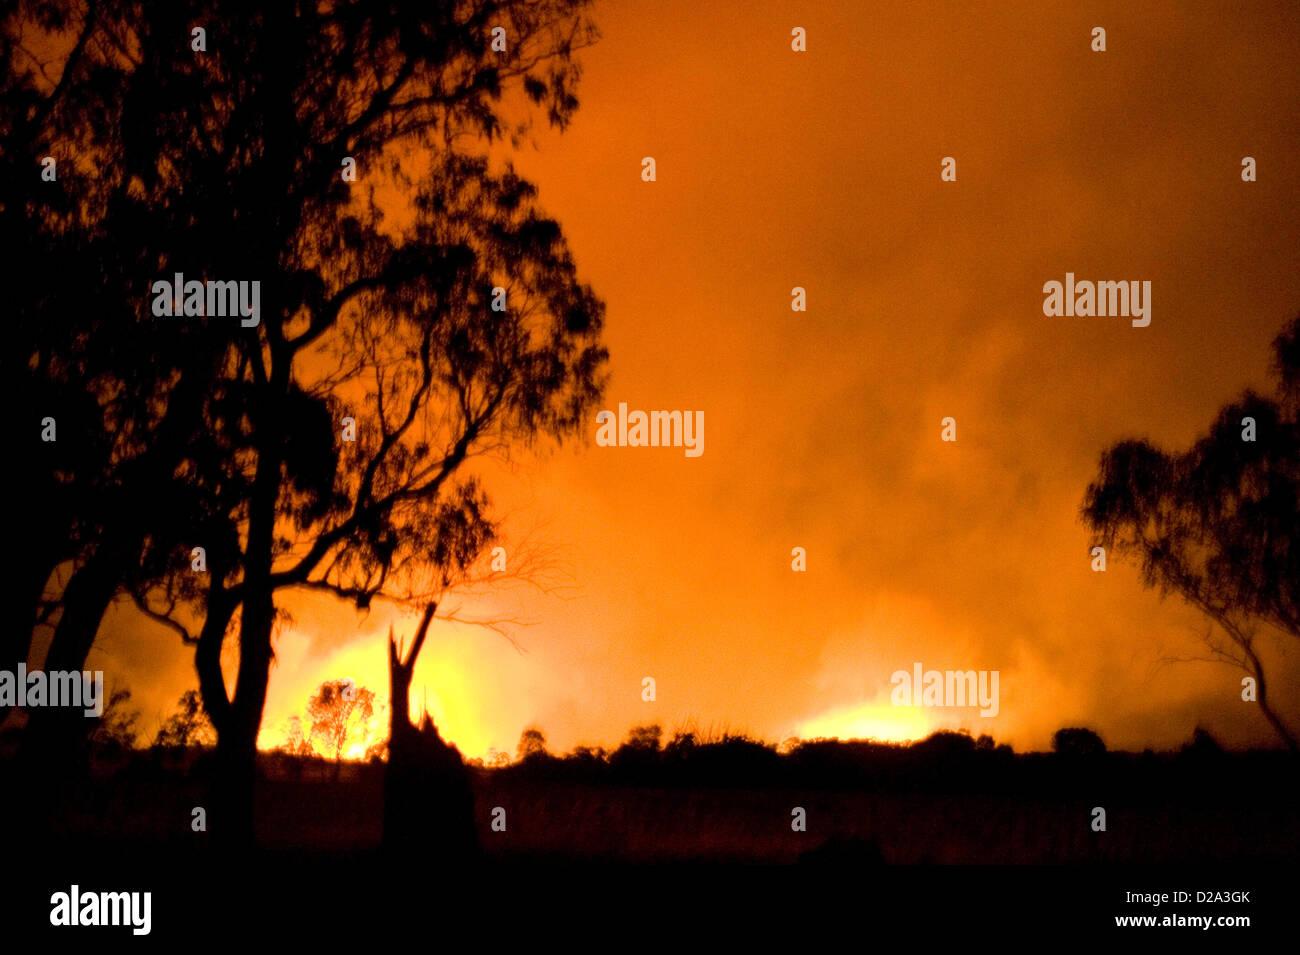 Heyfield, Victoria, Australia. El 18 de enero de 2013. Los incendios forestales queman fuera de control, lagrimeo Imagen De Stock